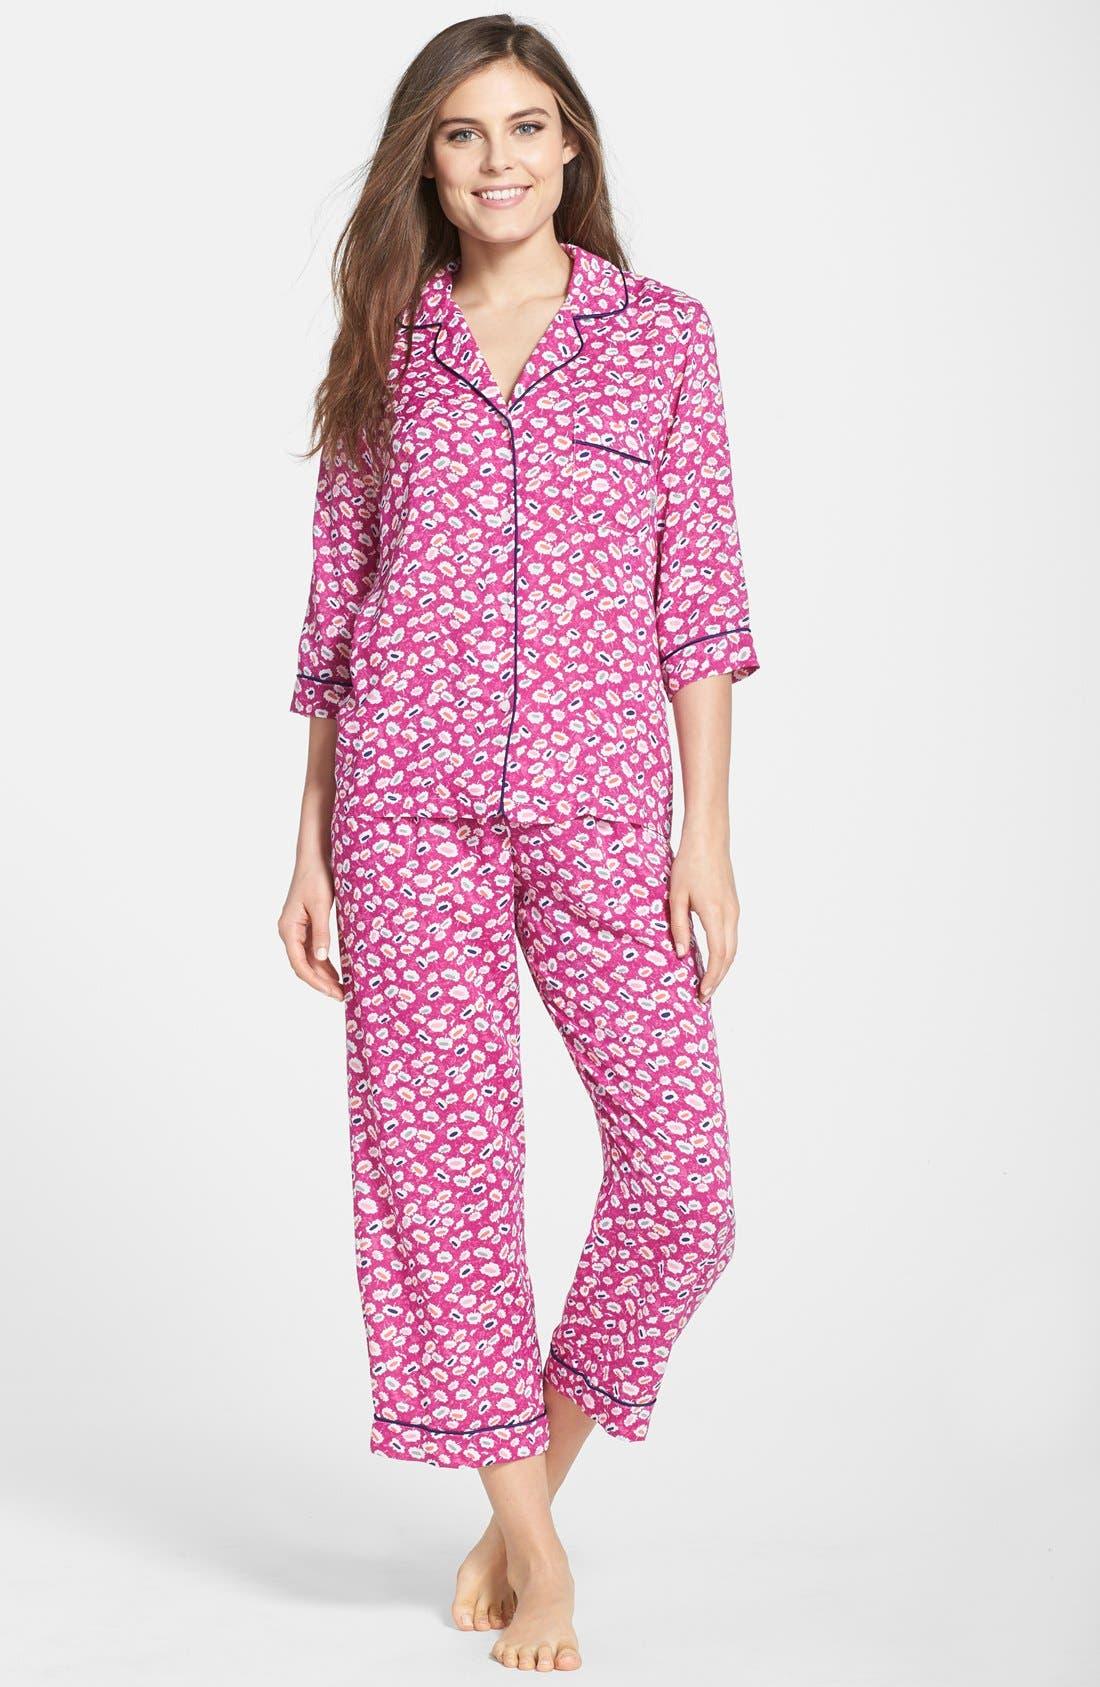 Main Image - DKNY Print Capri Pajamas